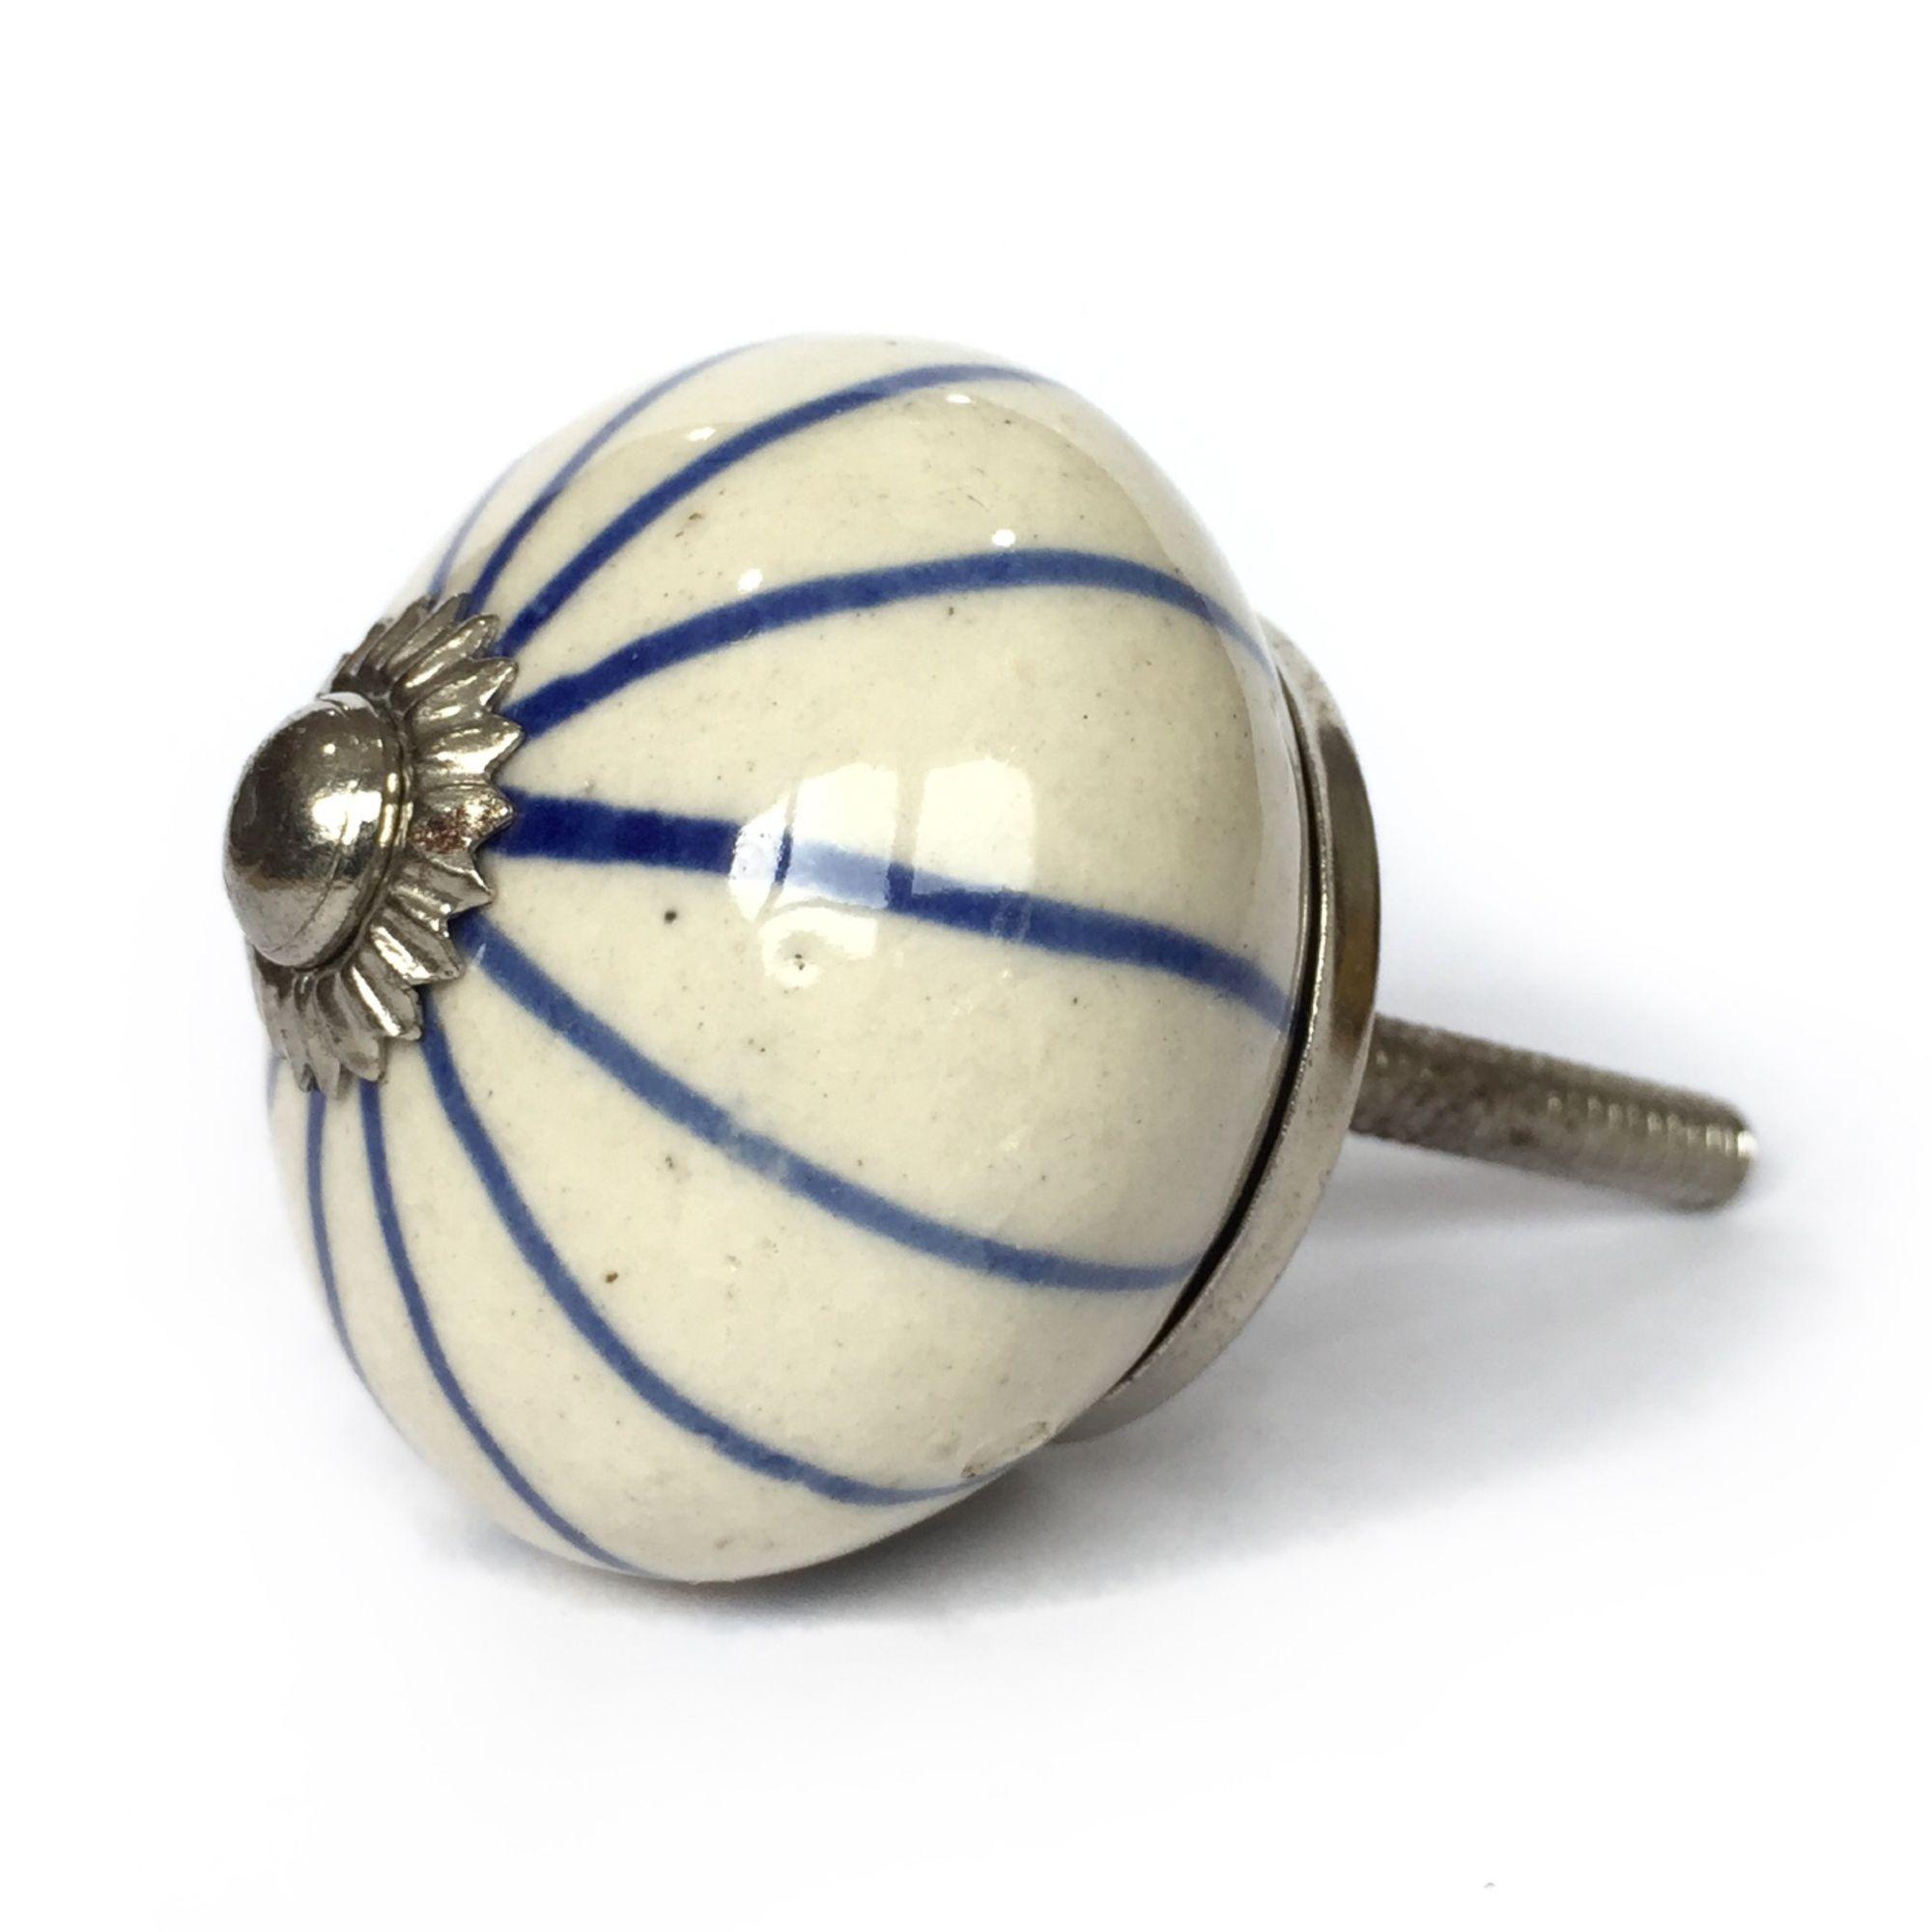 Puxador de Porcelana Malu Azul e Branco